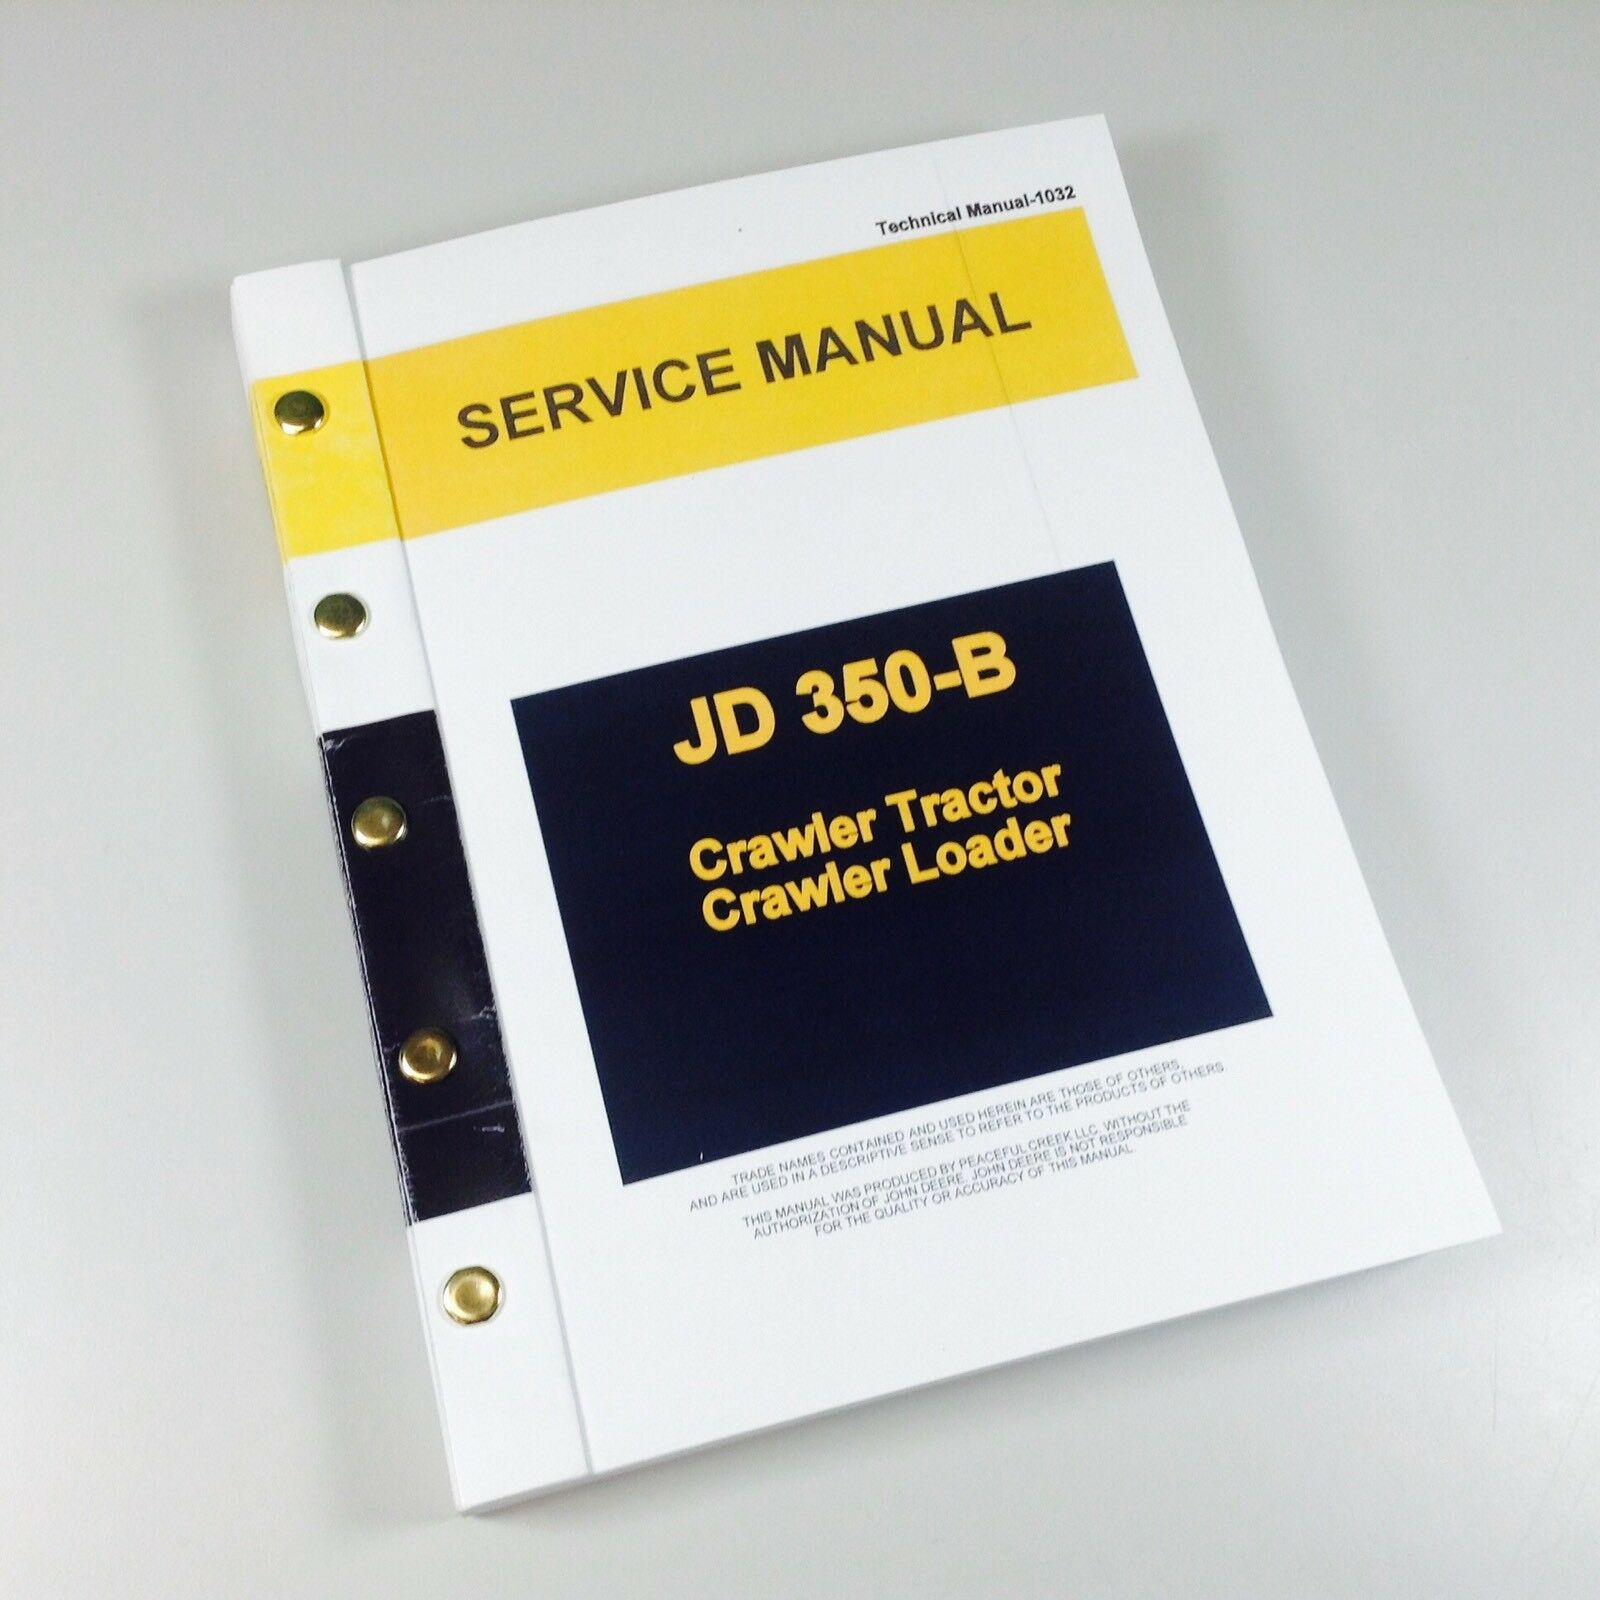 SERVICE MANUAL FOR JOHN DEERE 350B CRAWLER TRACTOR DOZER LOADER REPAIR  TECHNICAL